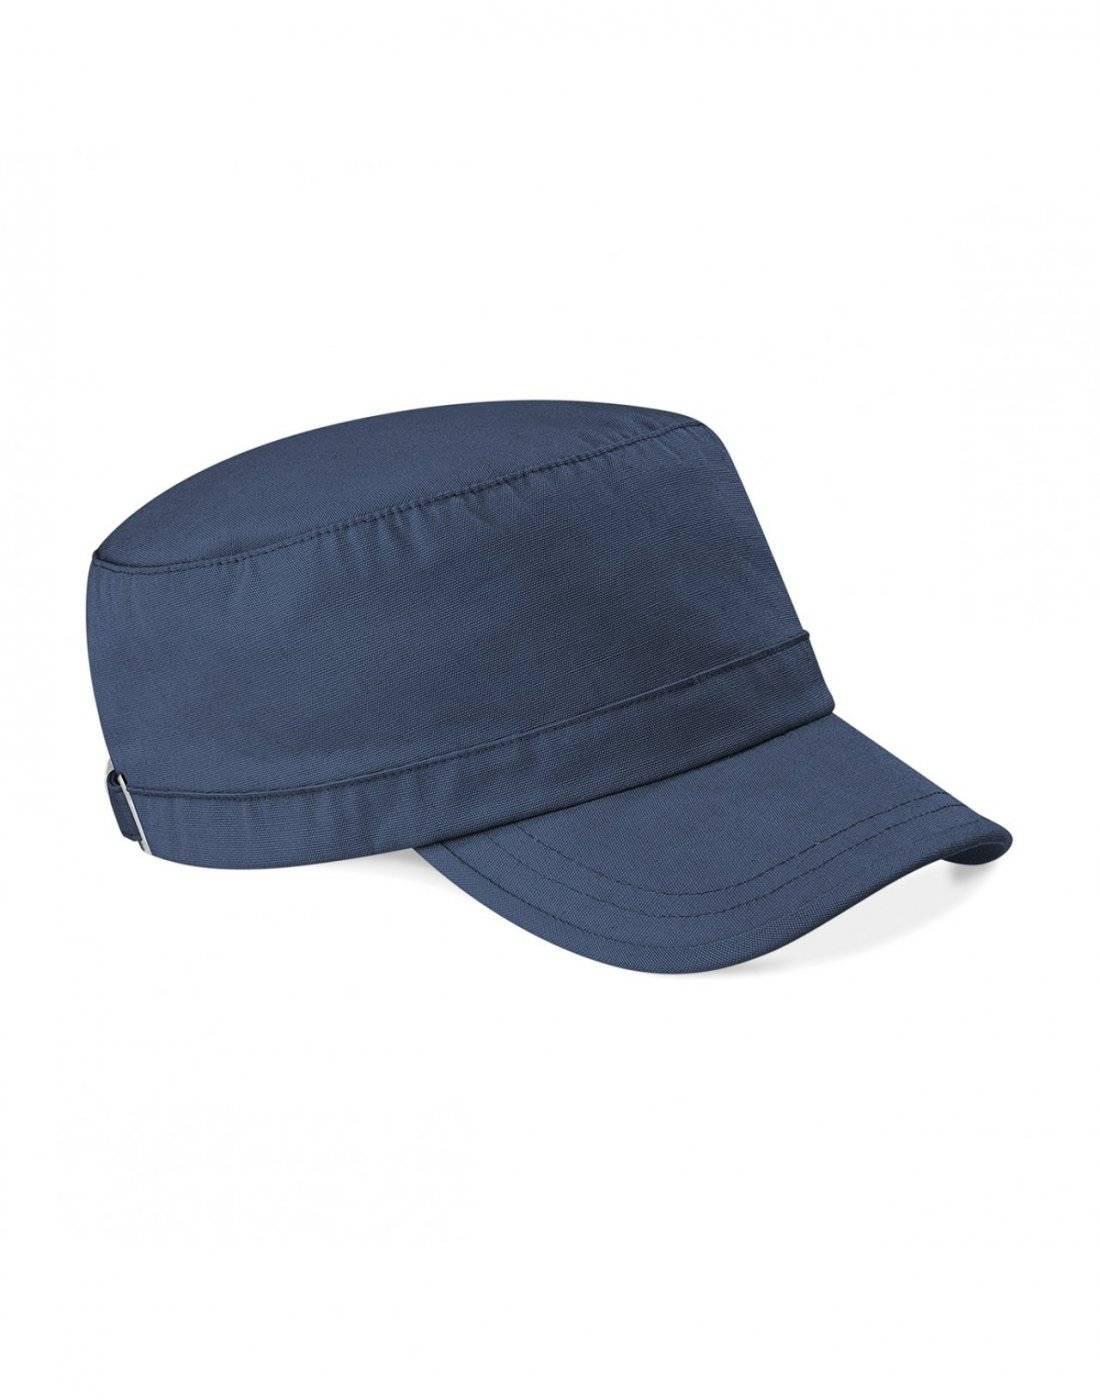 8852c702e21 Army Cap by Beechfield Headwear (B34)